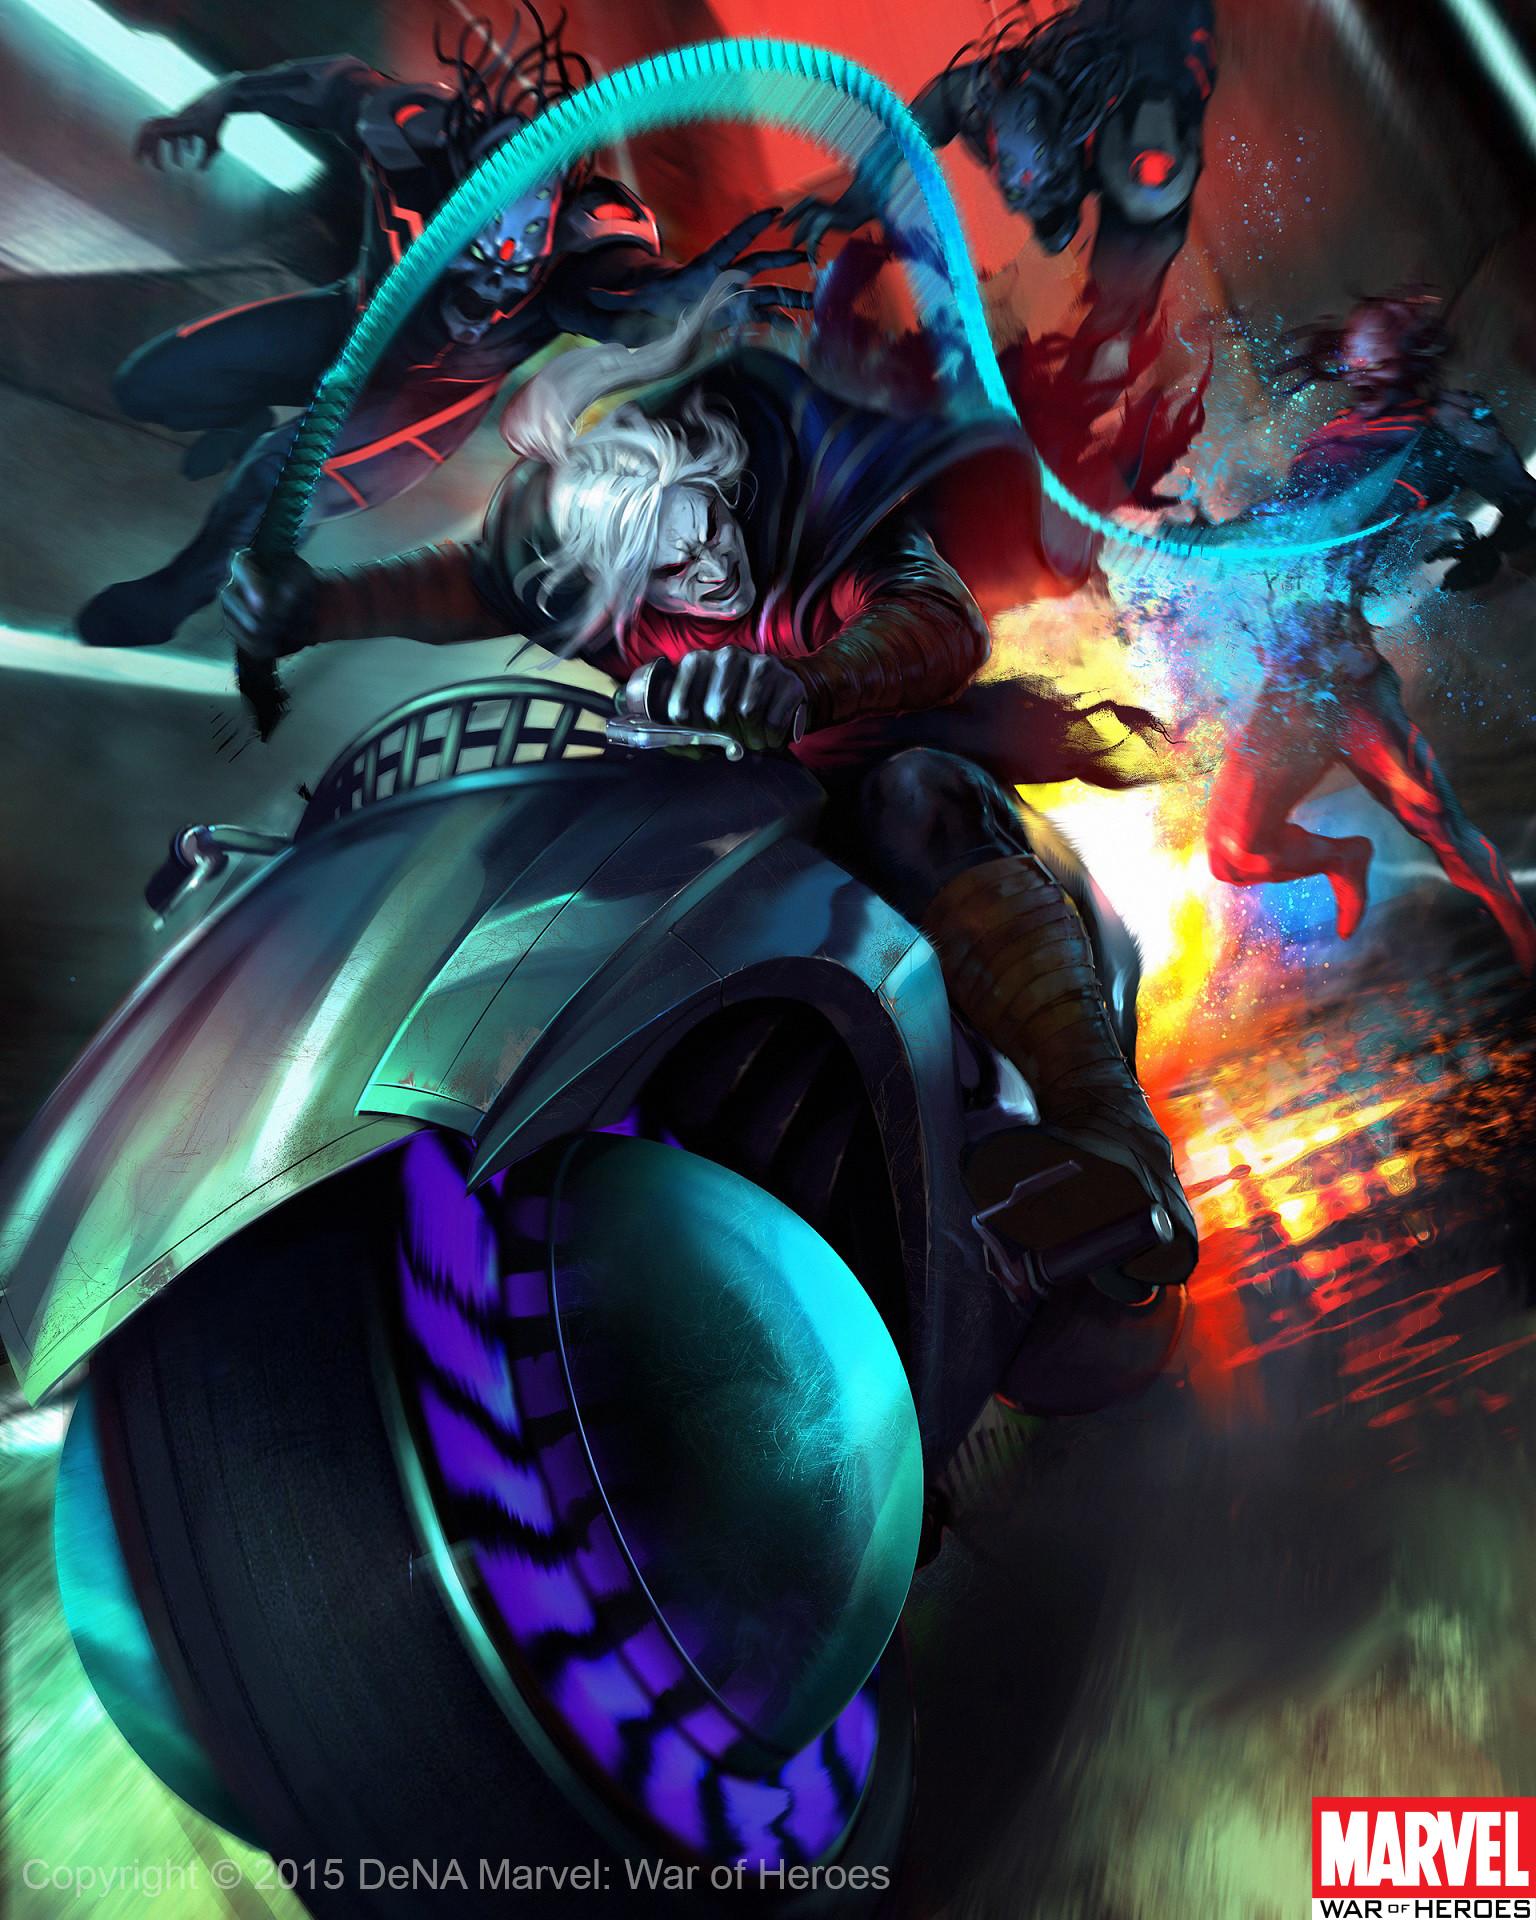 Denys tsiperko wraith evo 2